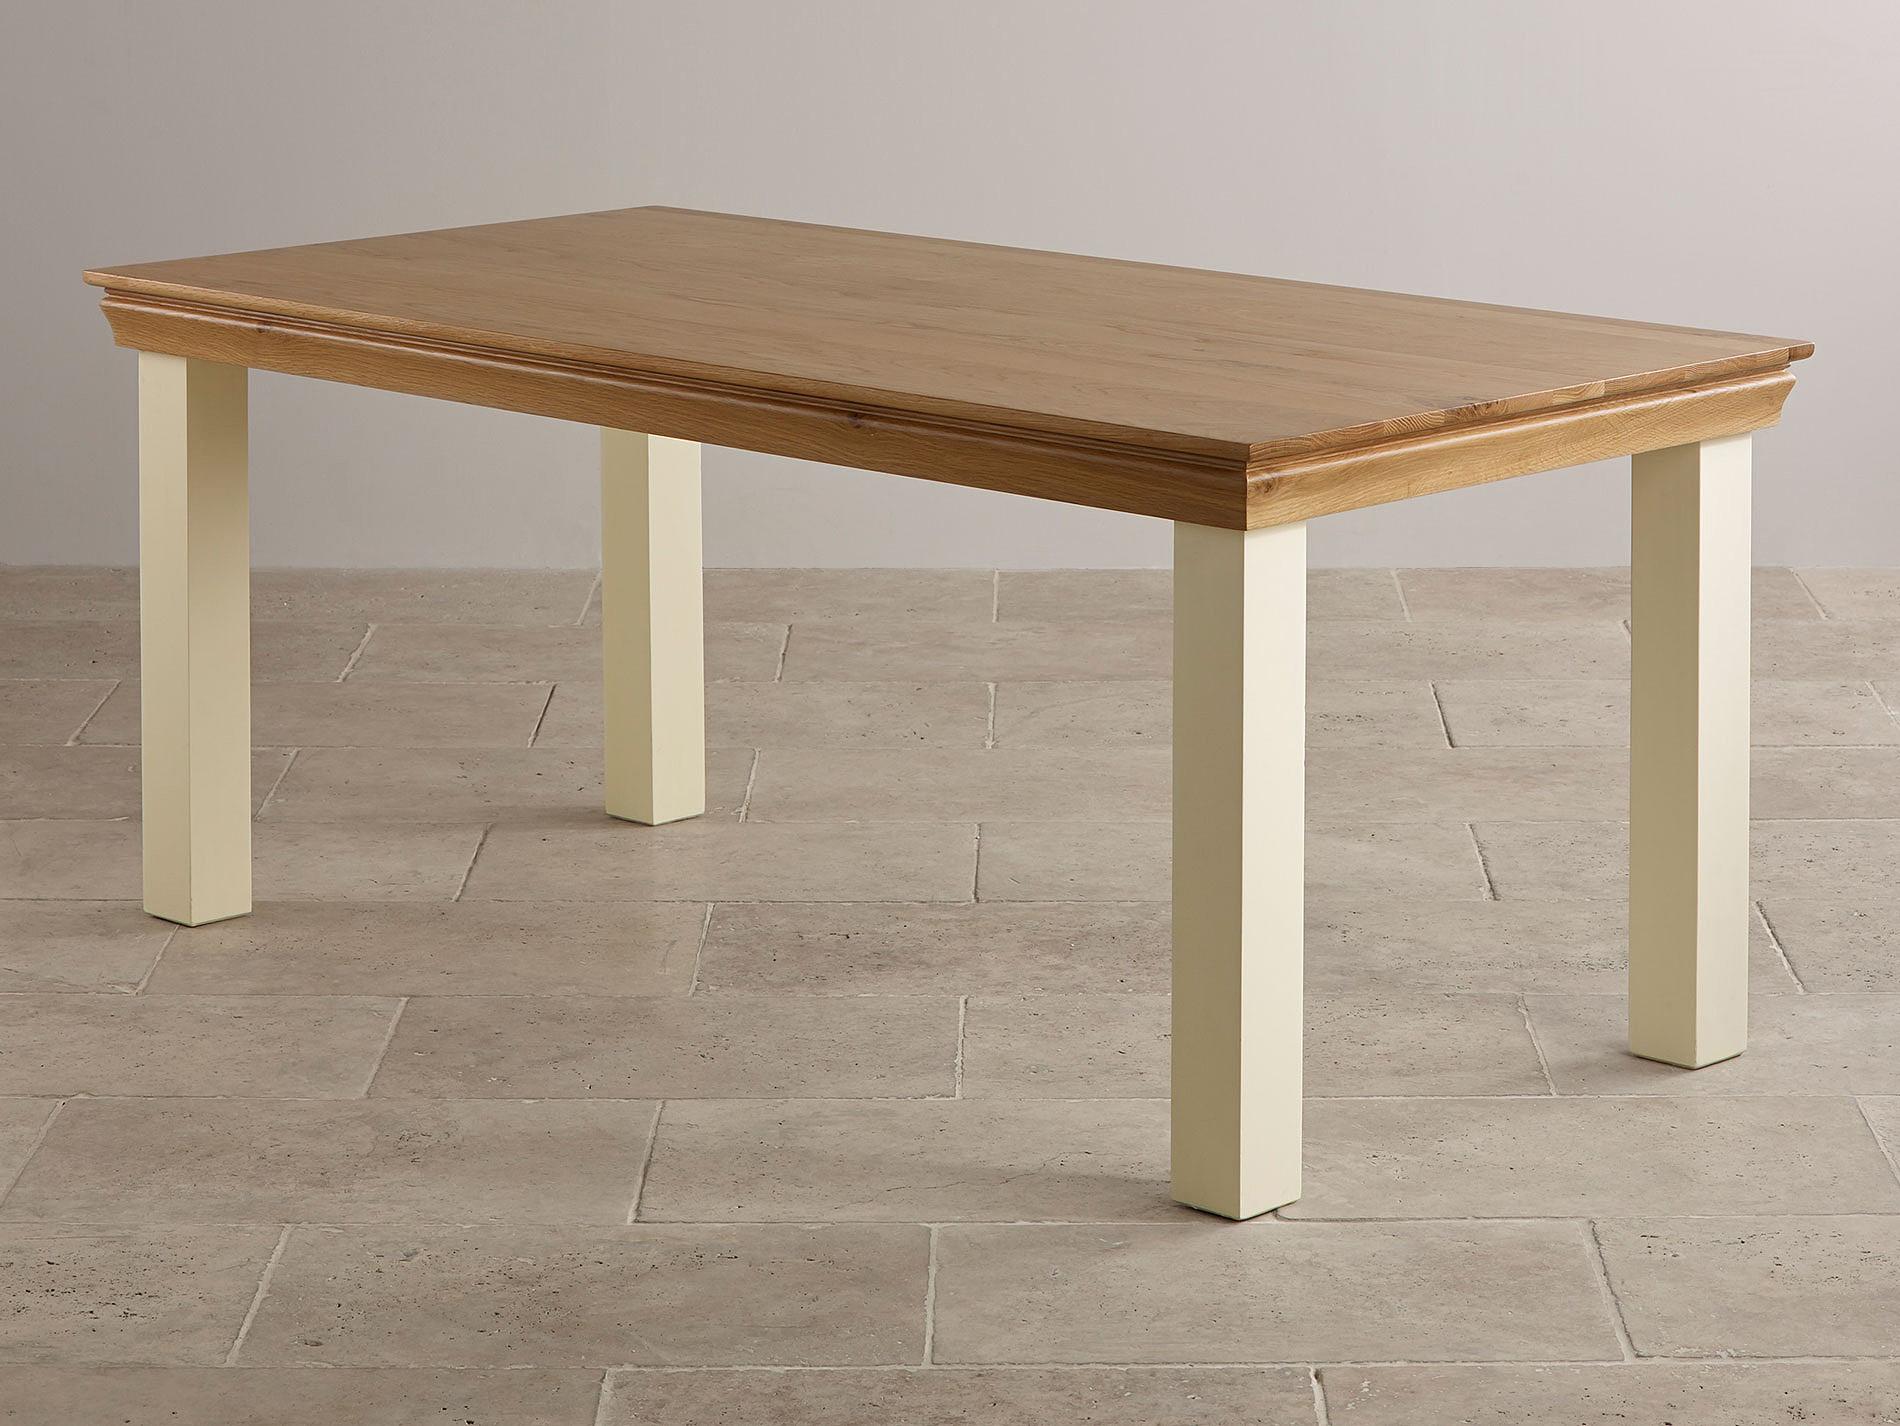 Маса дъб  - КОНАС ООД  - производство на  мебели от масив, дървен материал и дървен материал за строителството